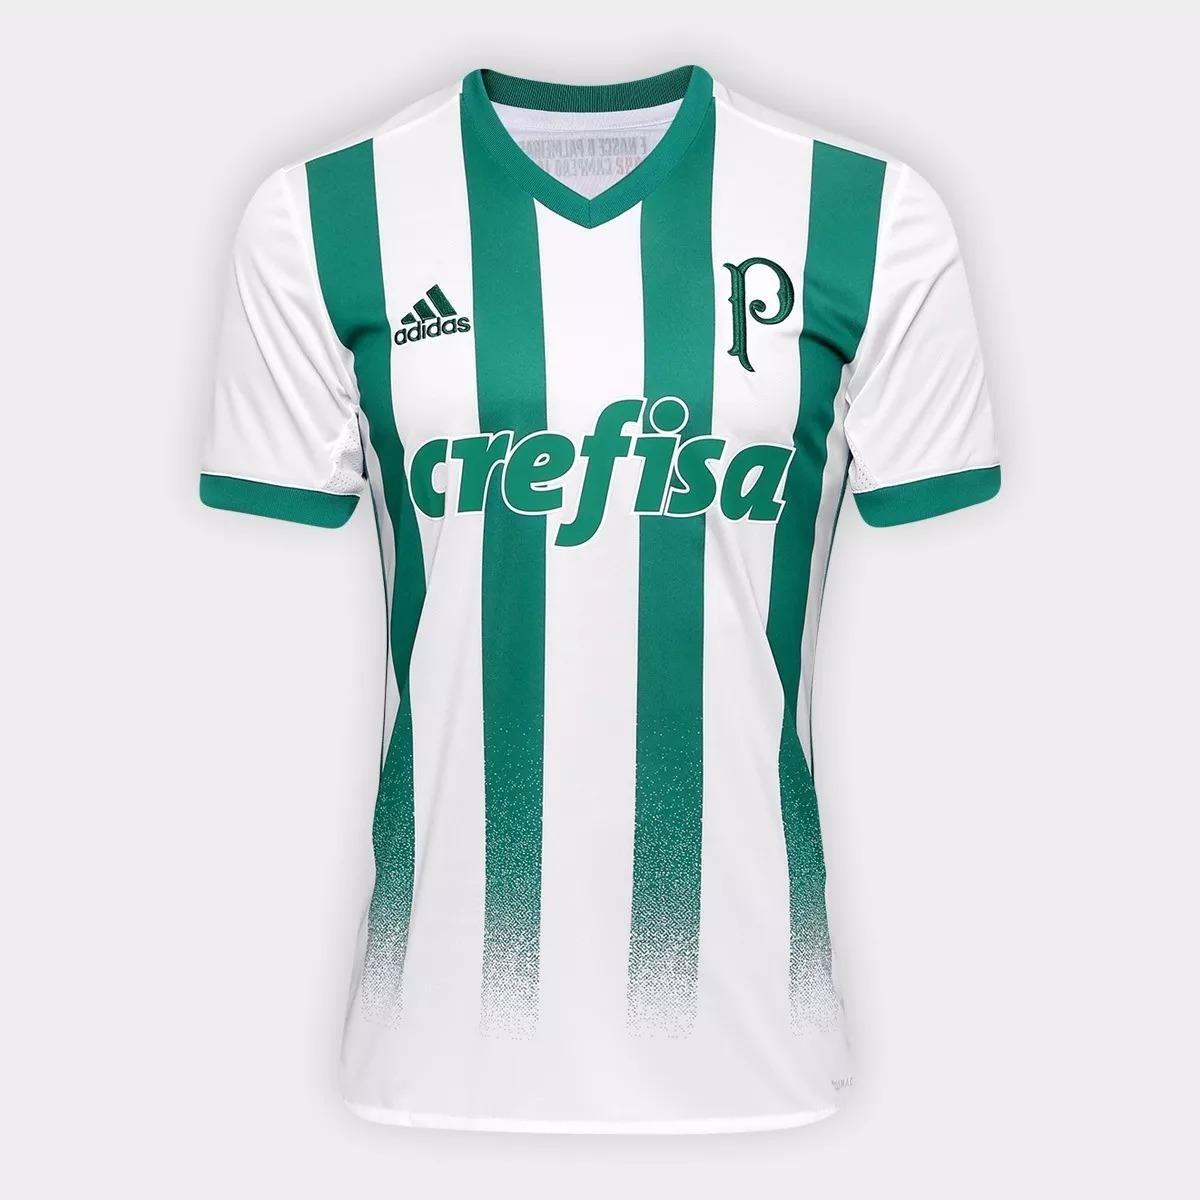 cc9bea64f7 camiseta do palmeiras uniforme 2017 - 2018 promoção. Carregando zoom.